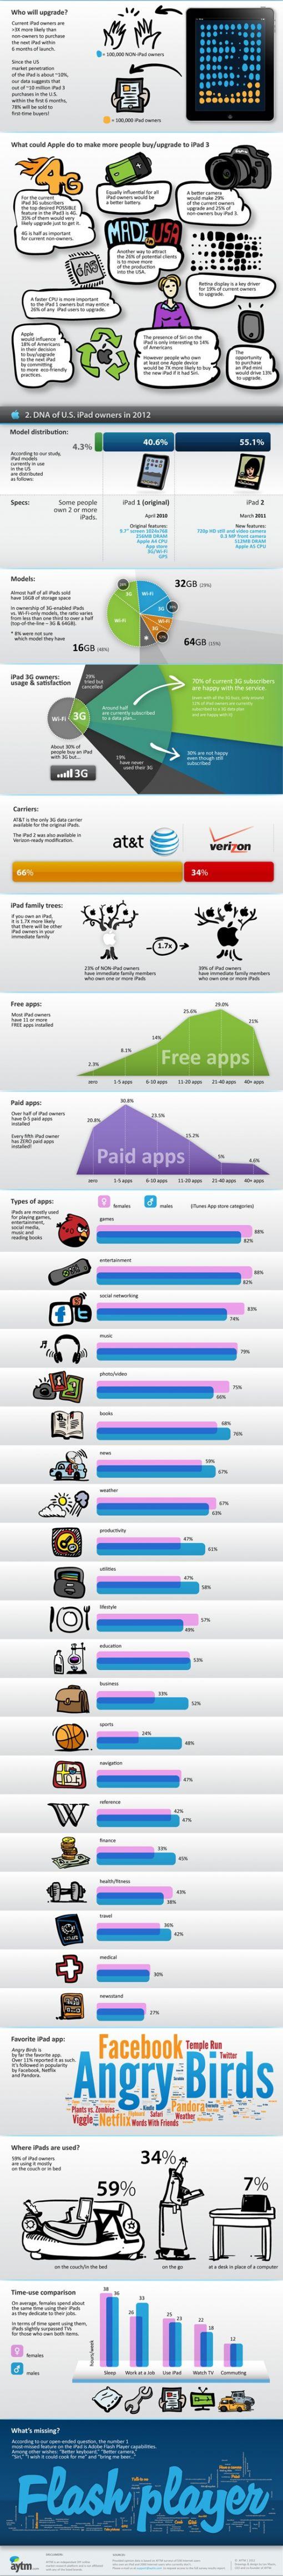 iPad3_IG-550_MAIN